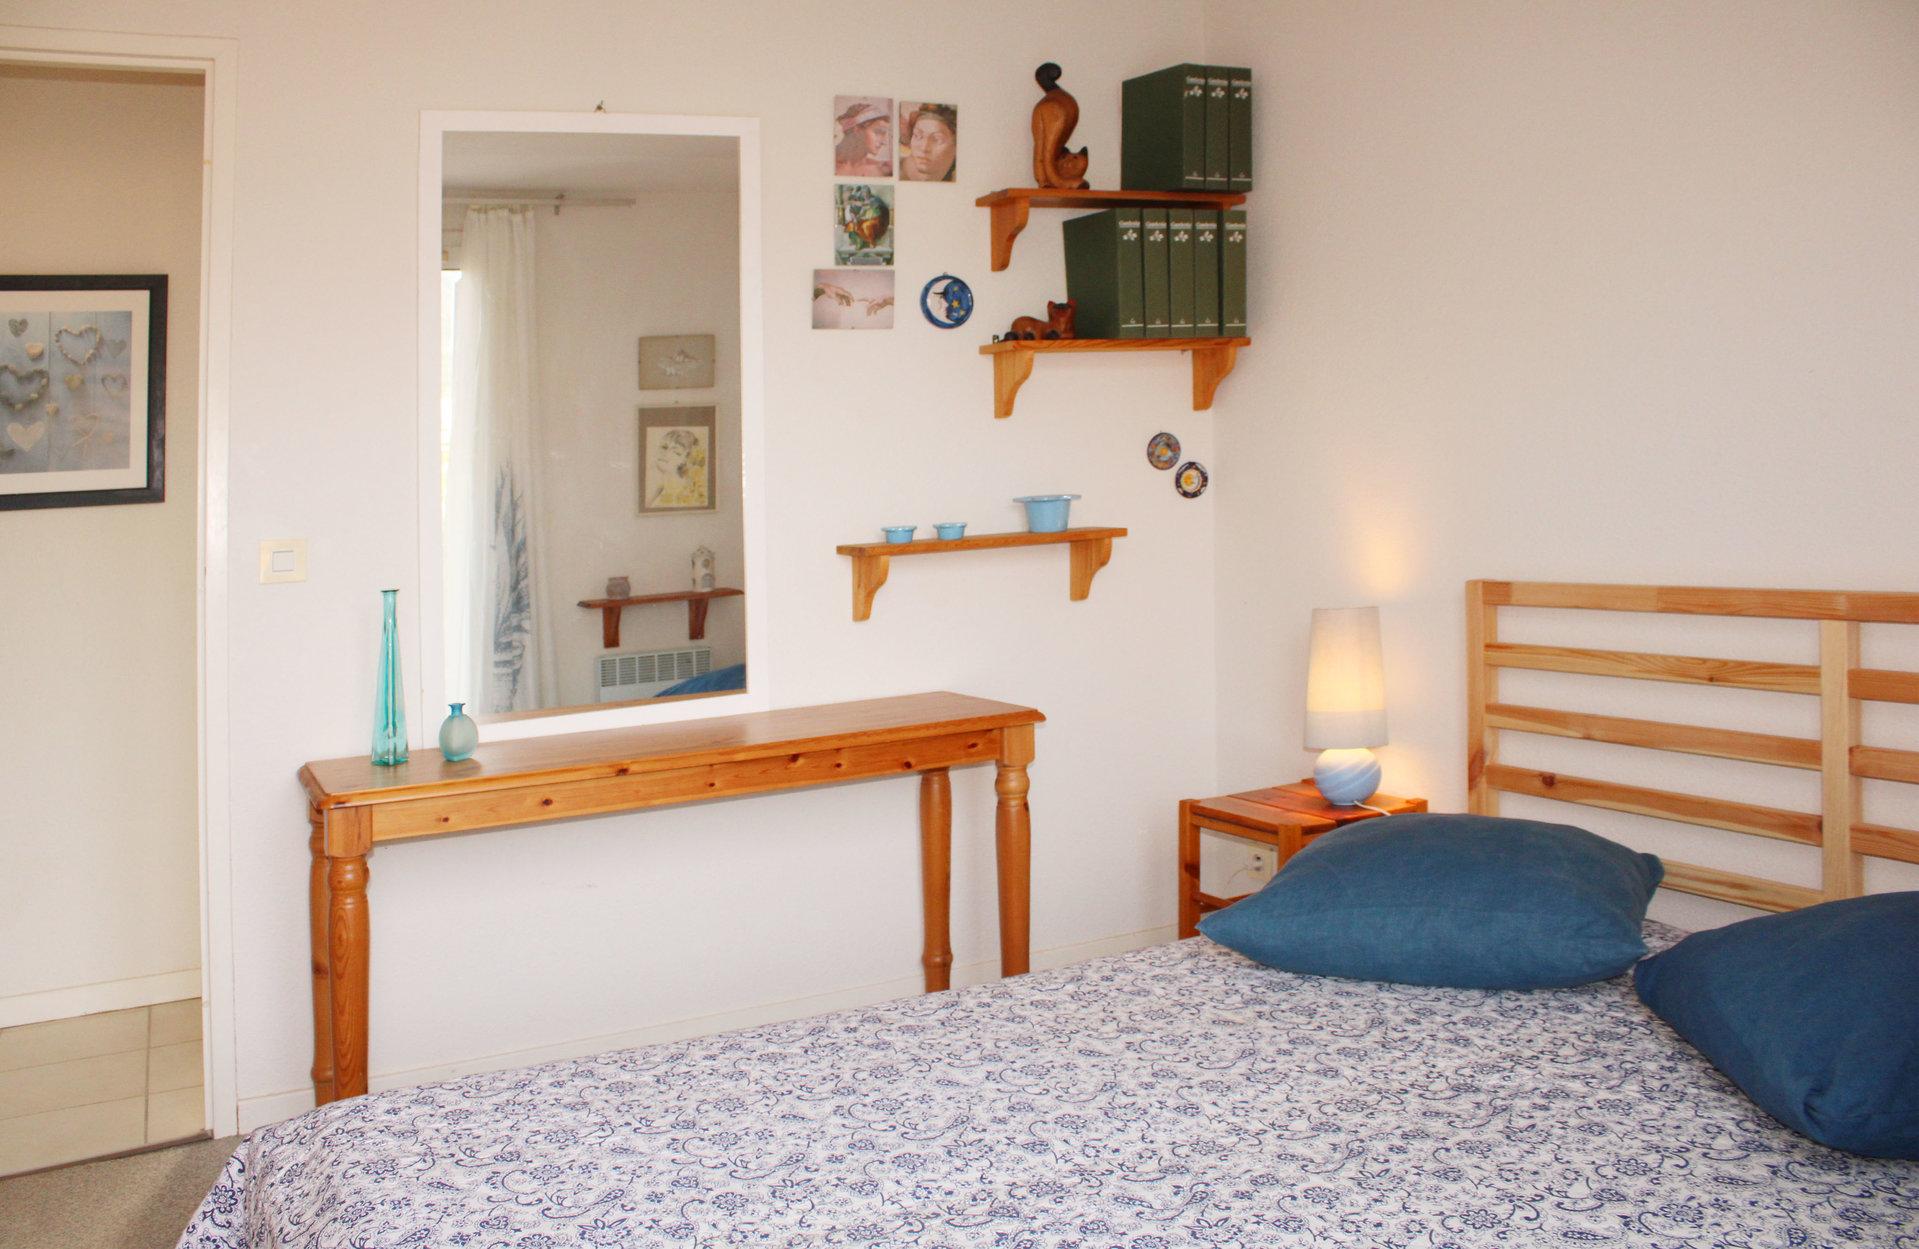 3-Zimmer-Reihenhaus über 2 Stockwerke mit kleinem Garten